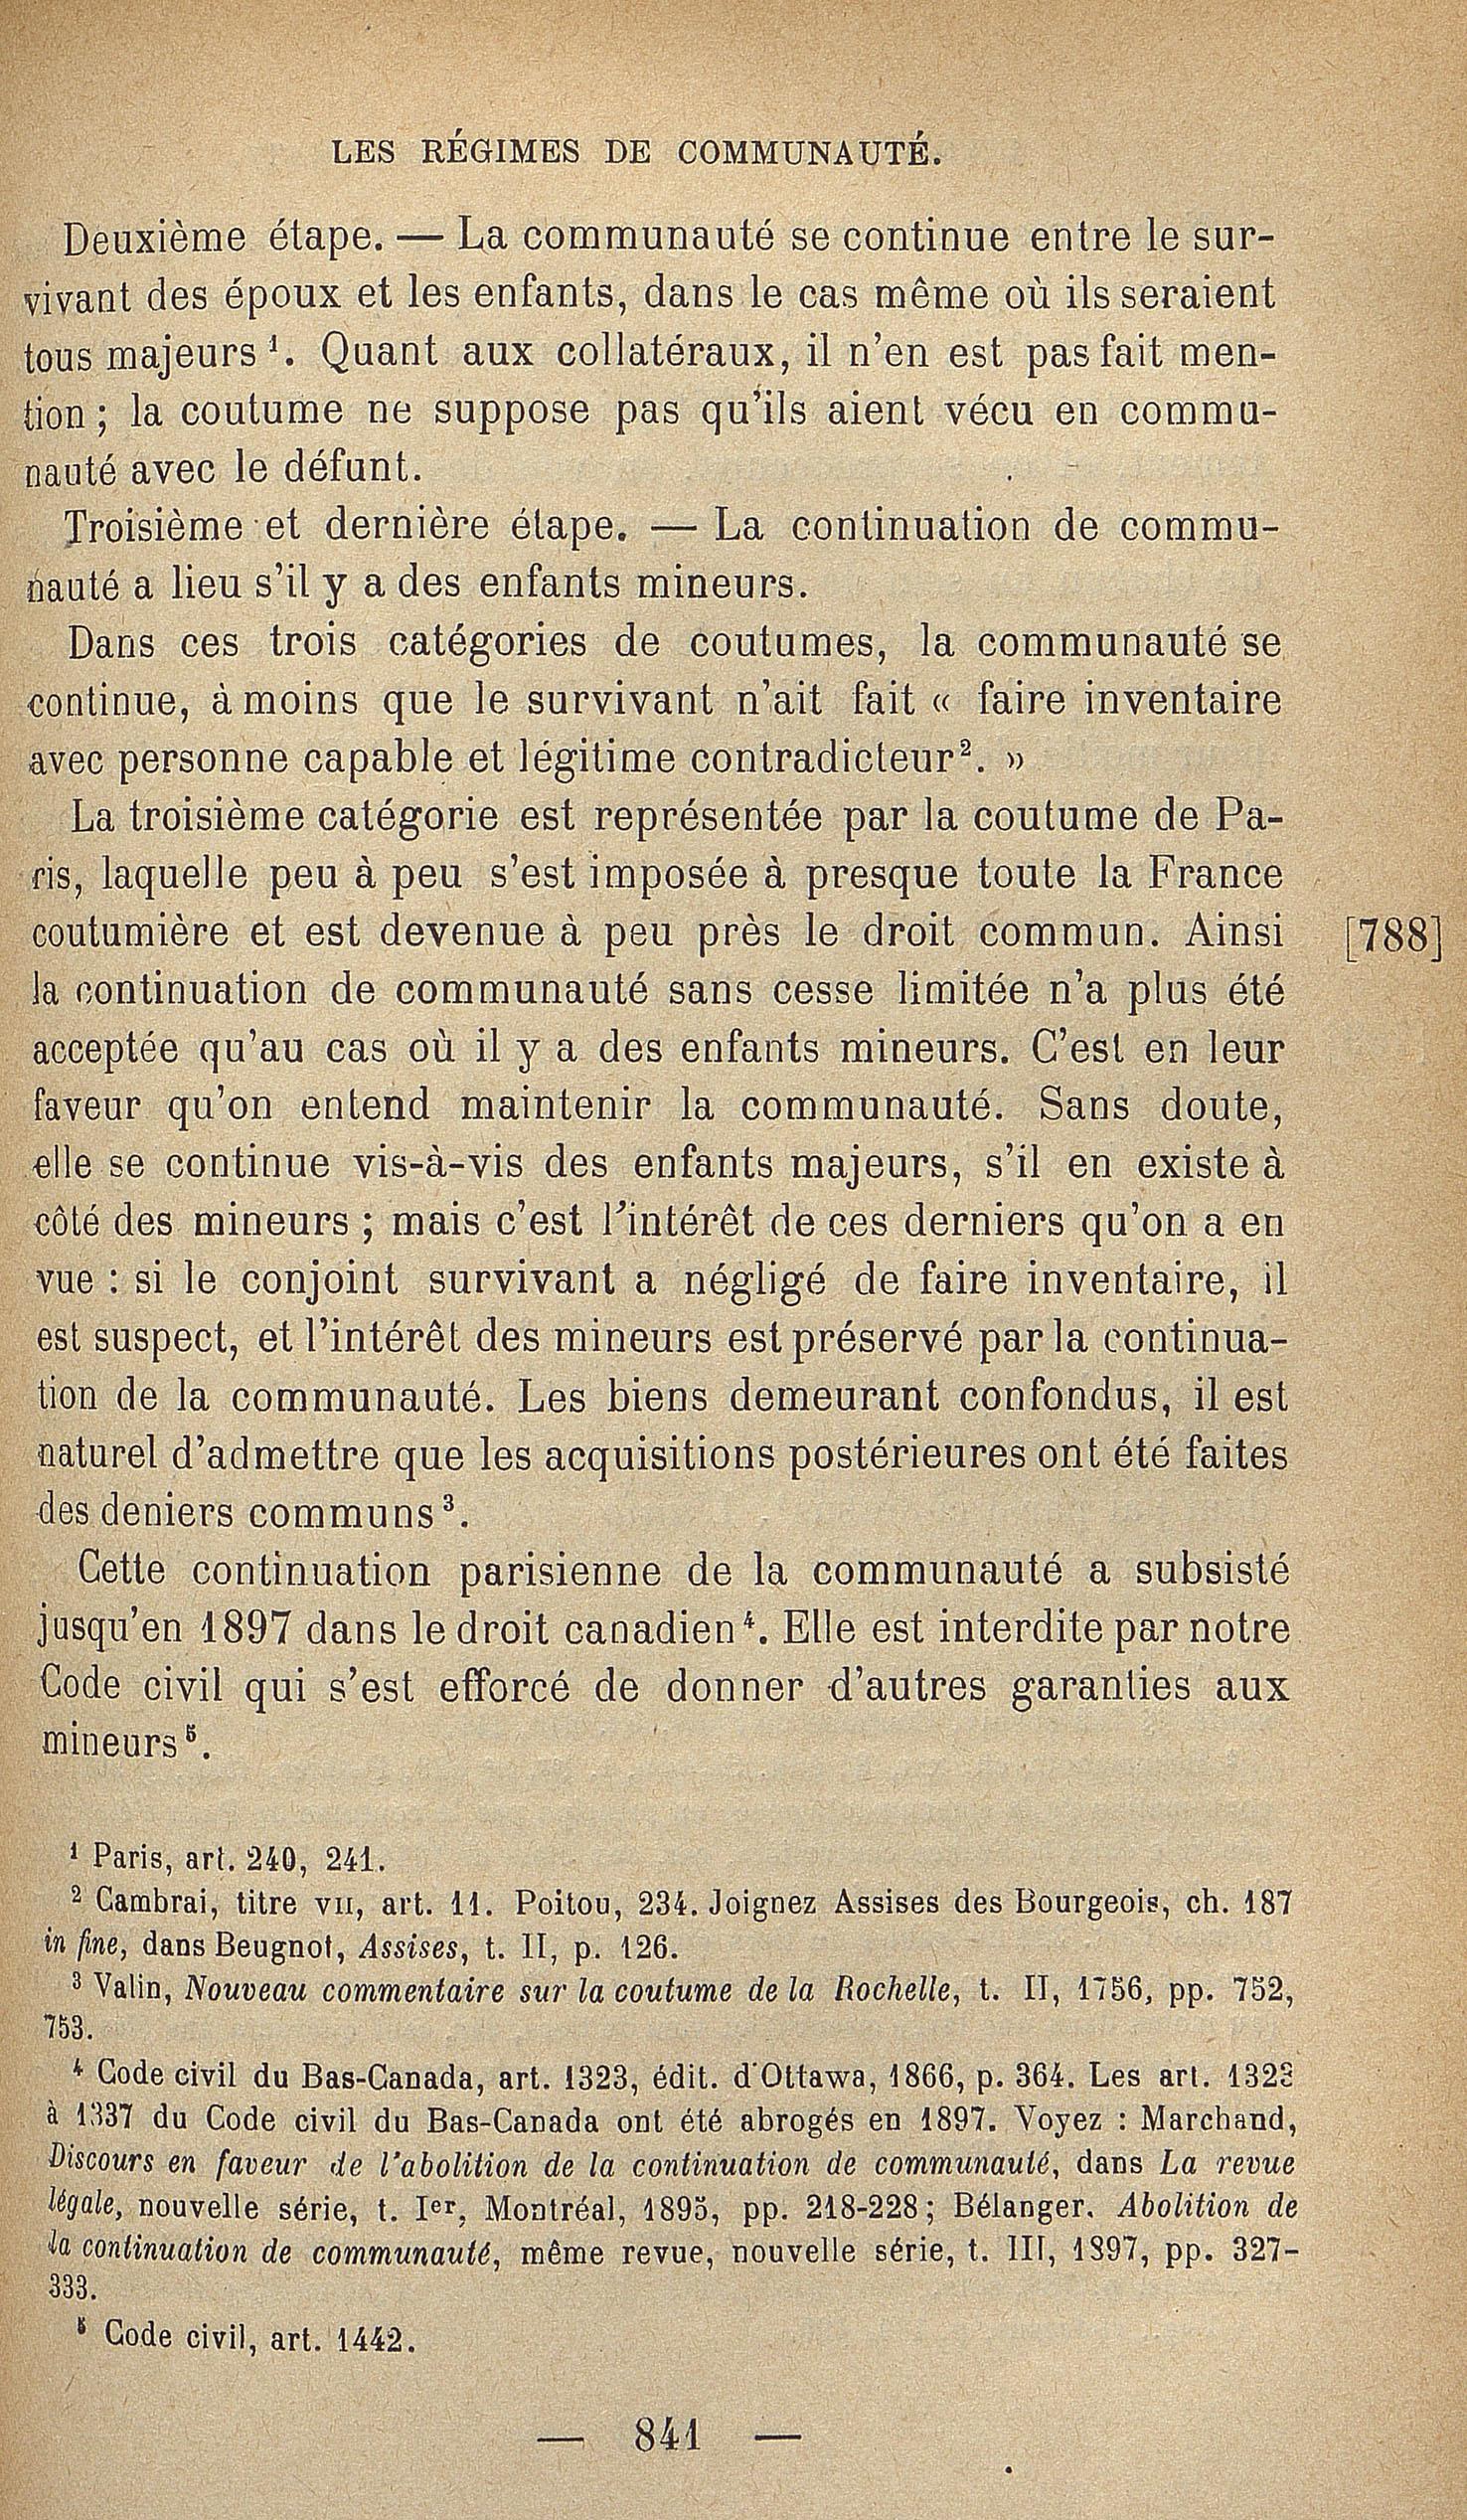 http://expo-paulviollet.univ-paris1.fr/wp-content/uploads/2016/02/0605121670_0851.jpg